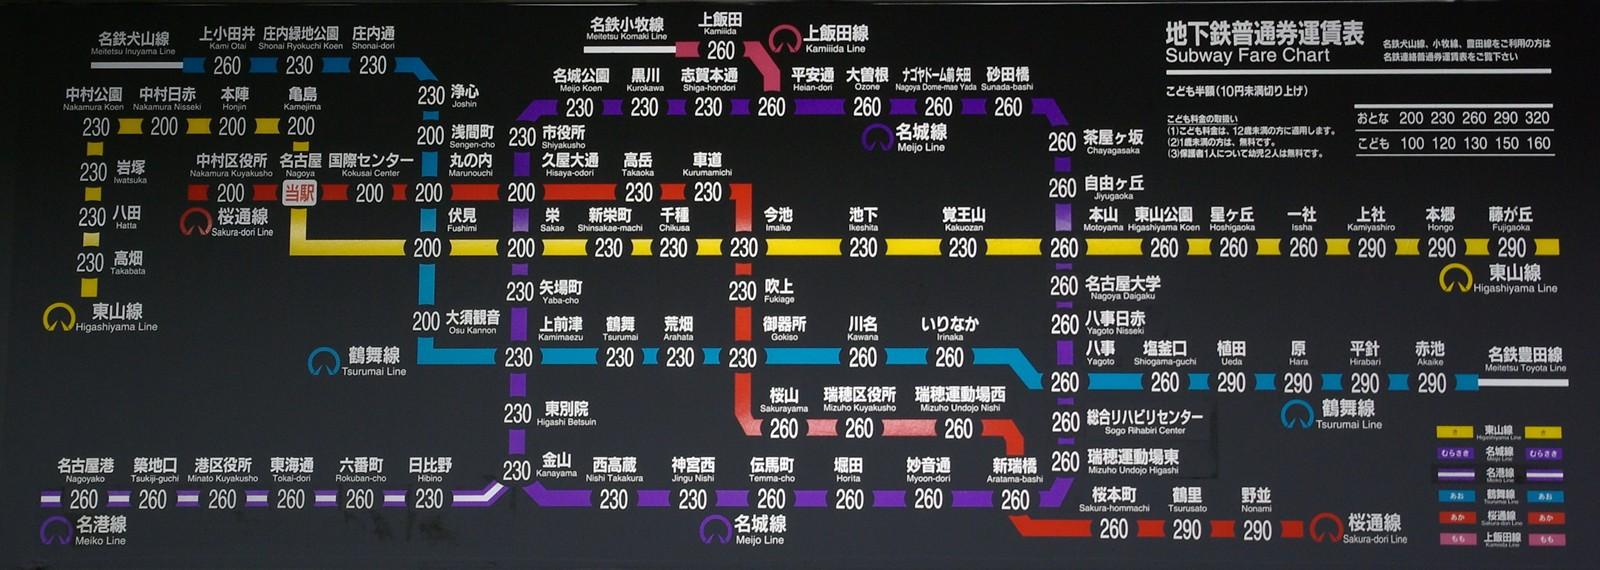 나고야 지하철 노선도 (Nagoya Metro Route Map, Japan)